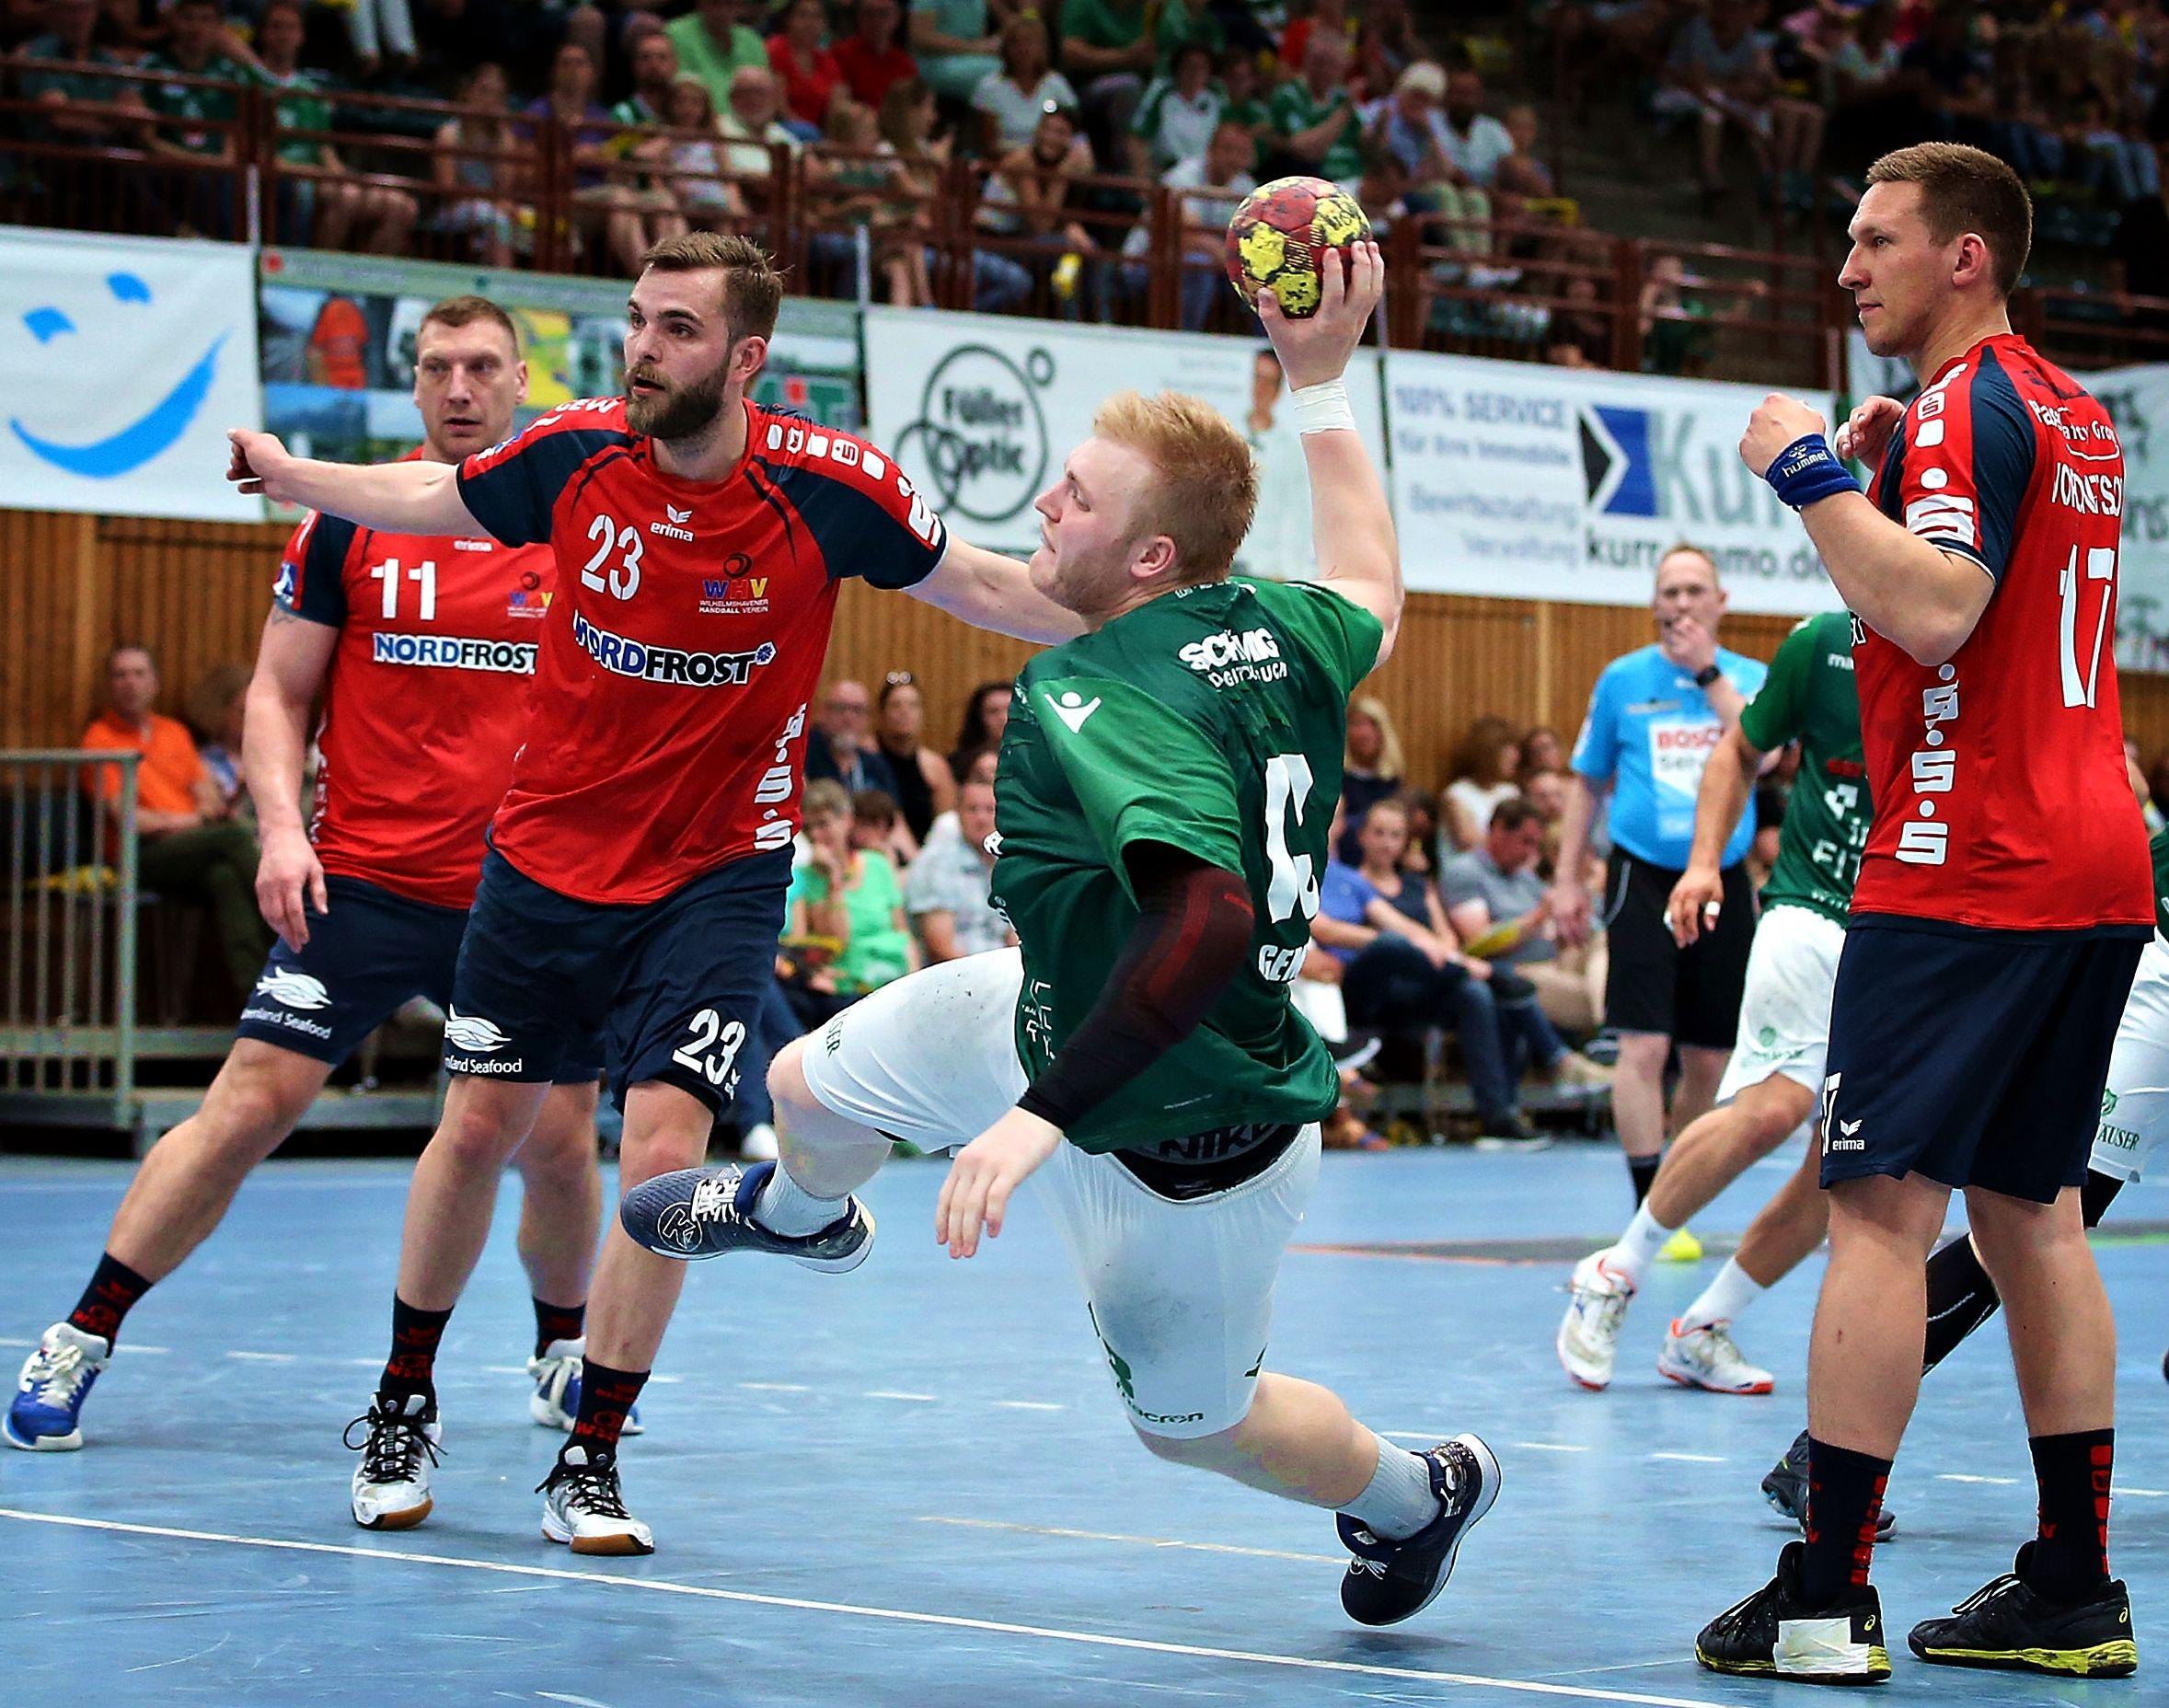 DKB 2. Handball-Bundesliga, DJK Rimpar Wölfe - Wilhelmshavener HV